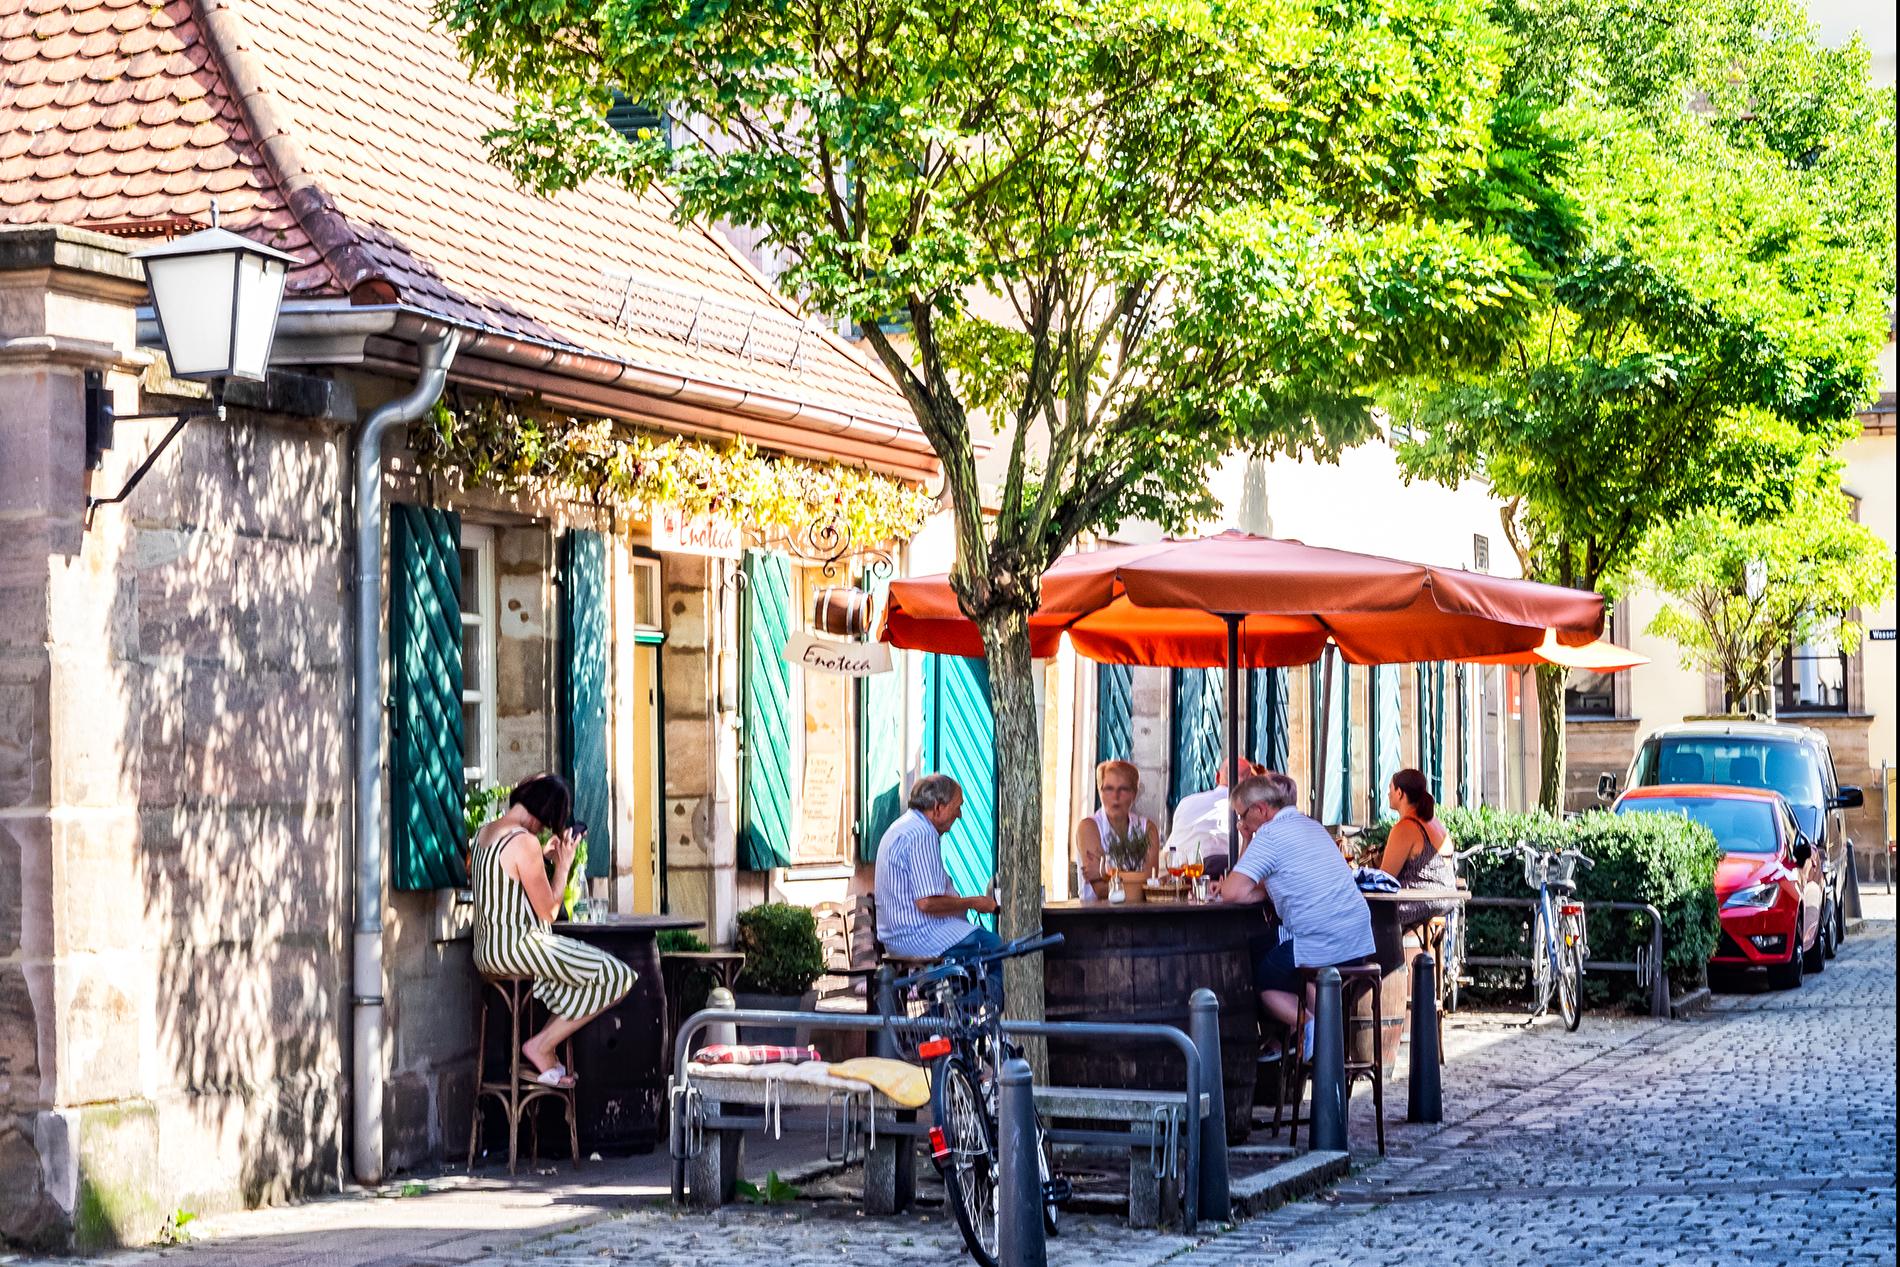 Fassade mit Außenbestuhlung in der Erlanger Altstadt